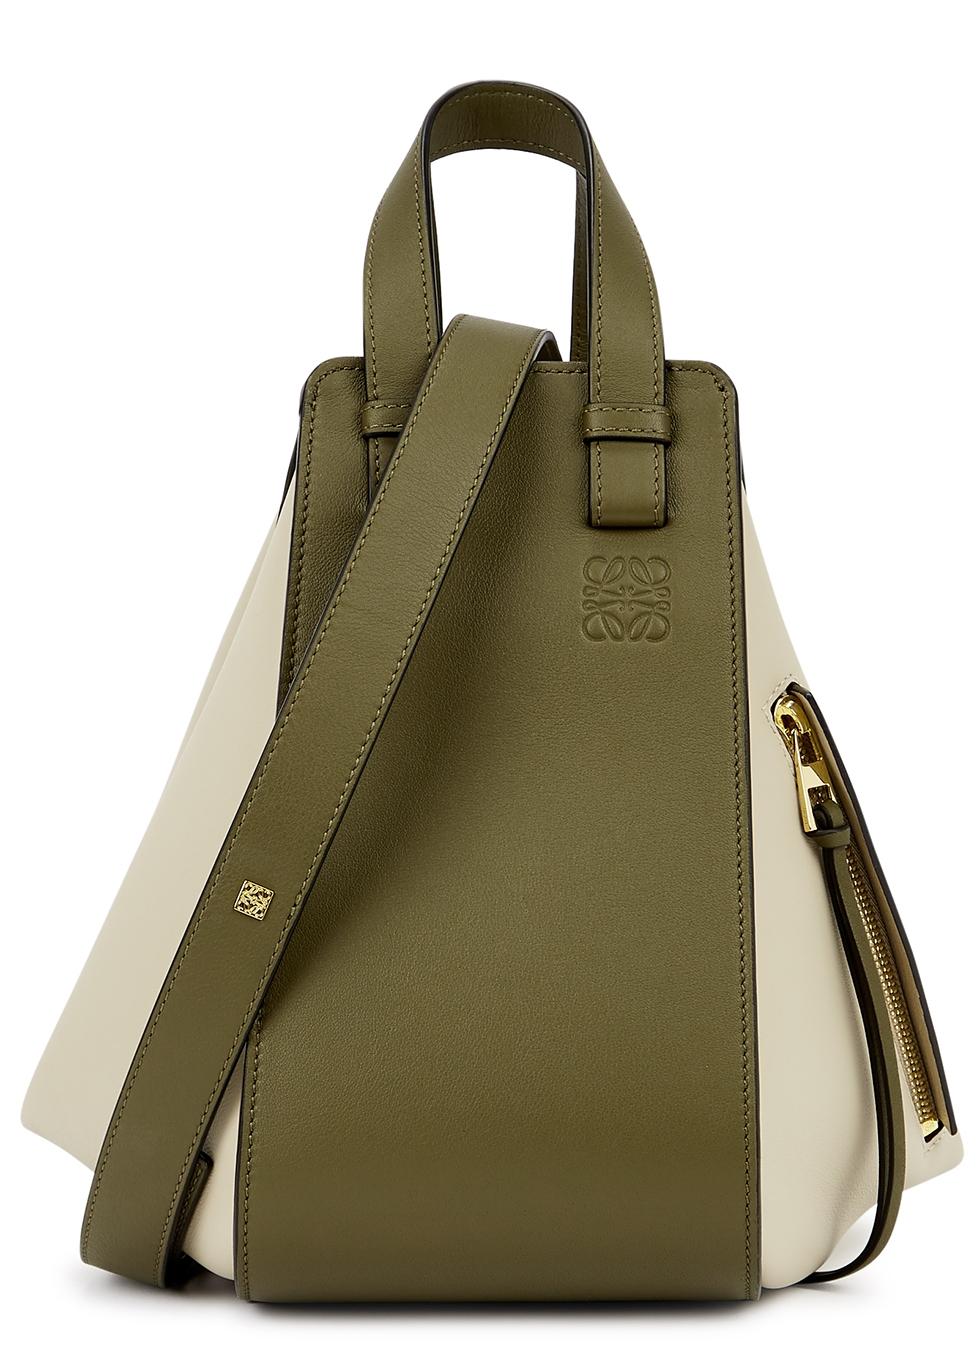 Hammock small panelled leather shoulder bag